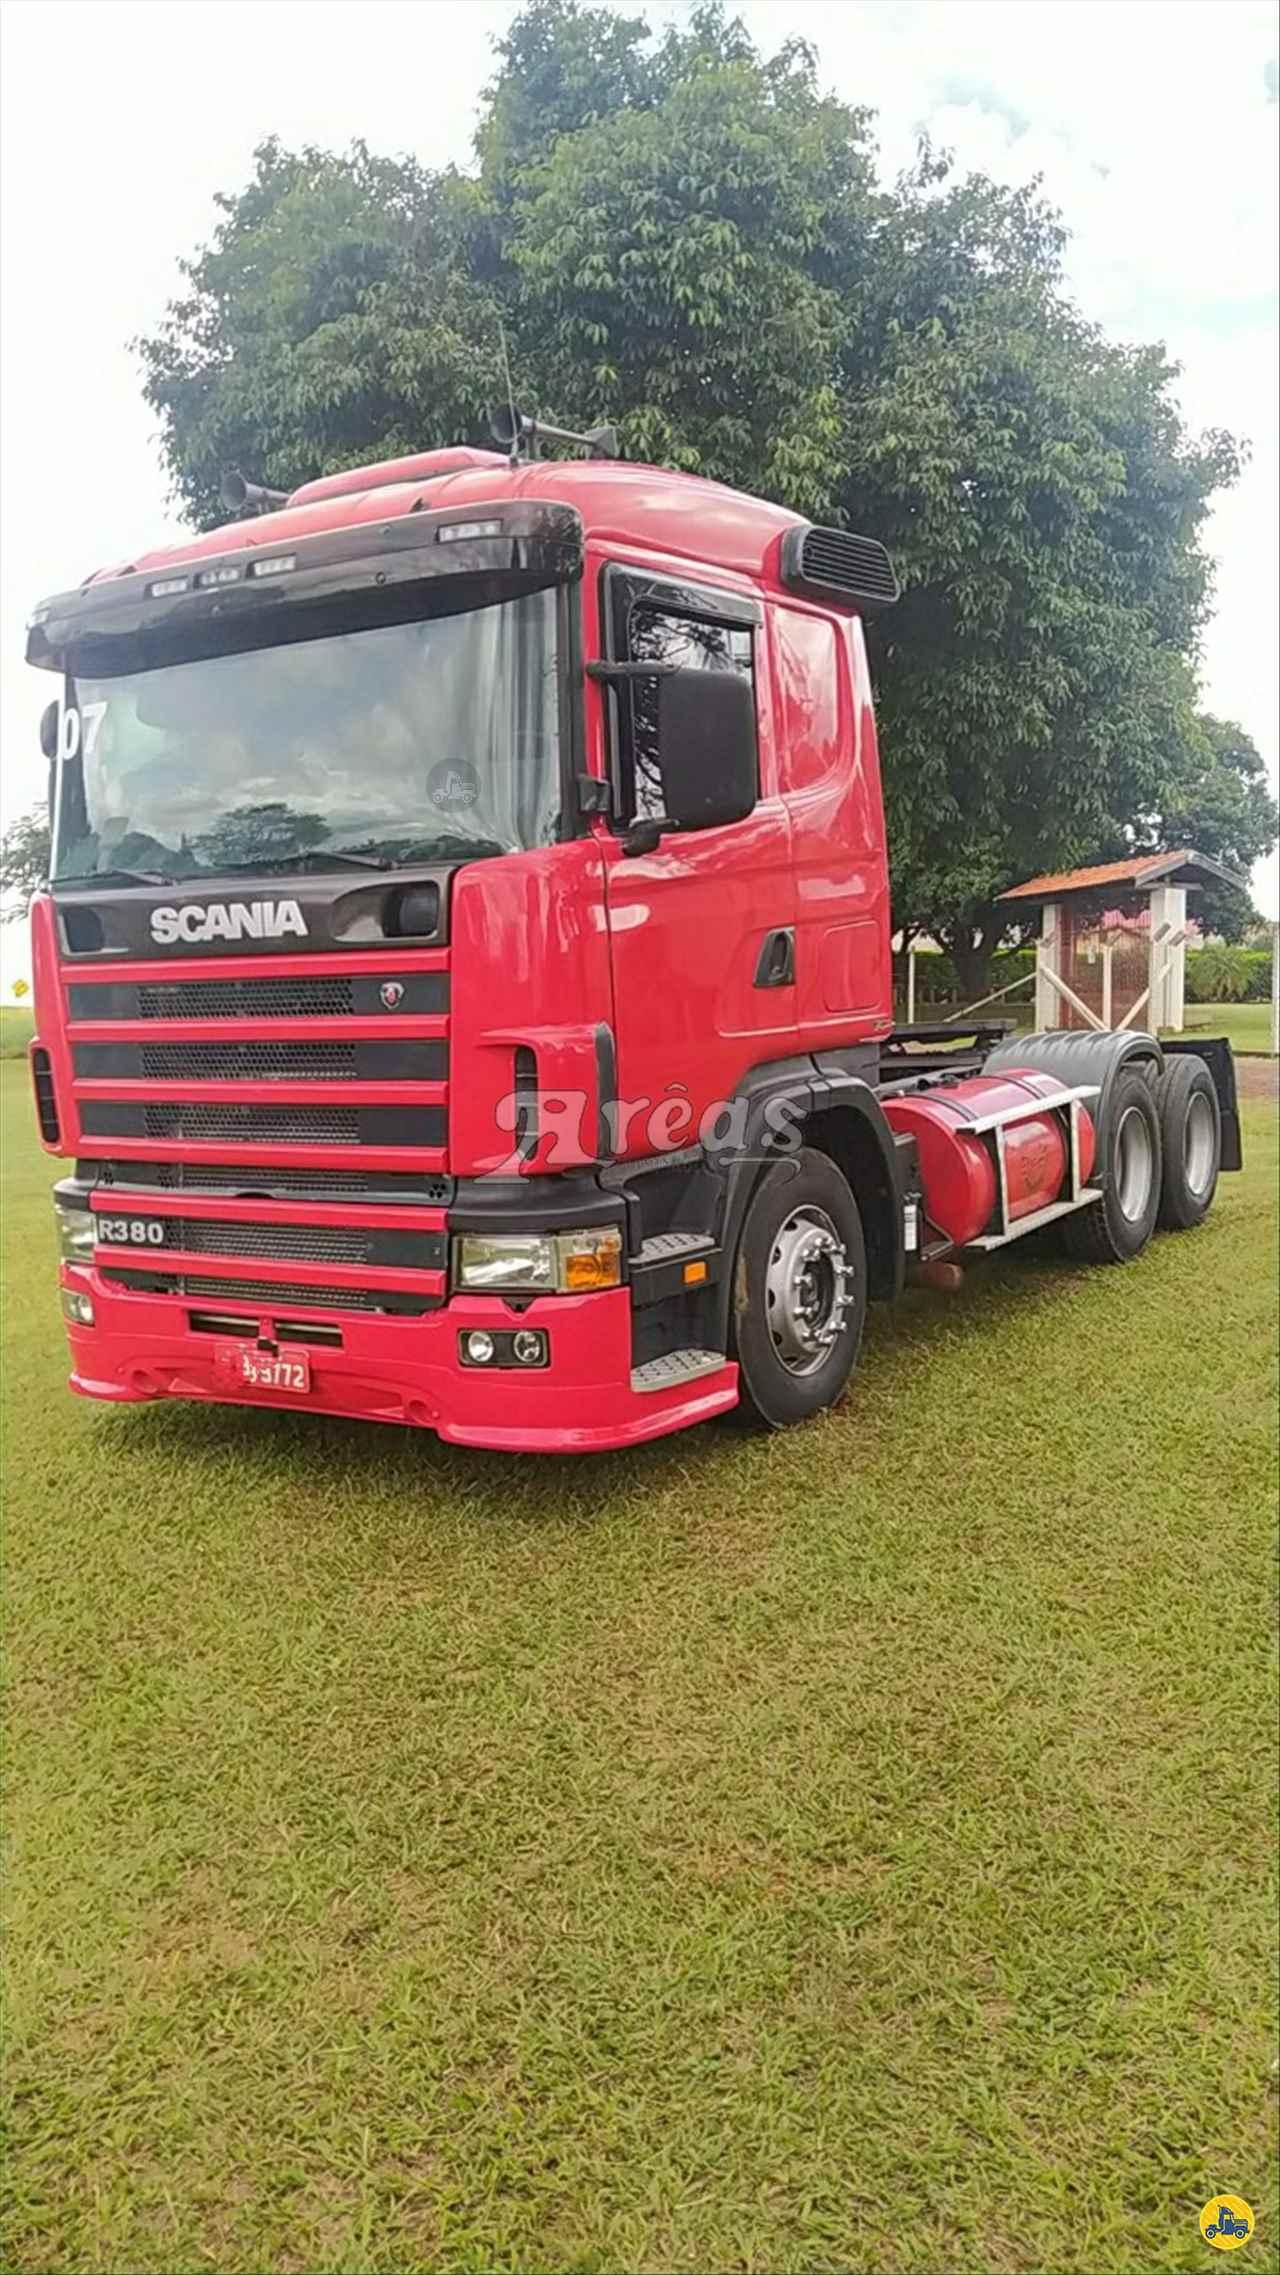 CAMINHAO SCANIA SCANIA 380 Cavalo Mecânico Truck 6x2 Arêas Caminhões MARINGA PARANÁ PR